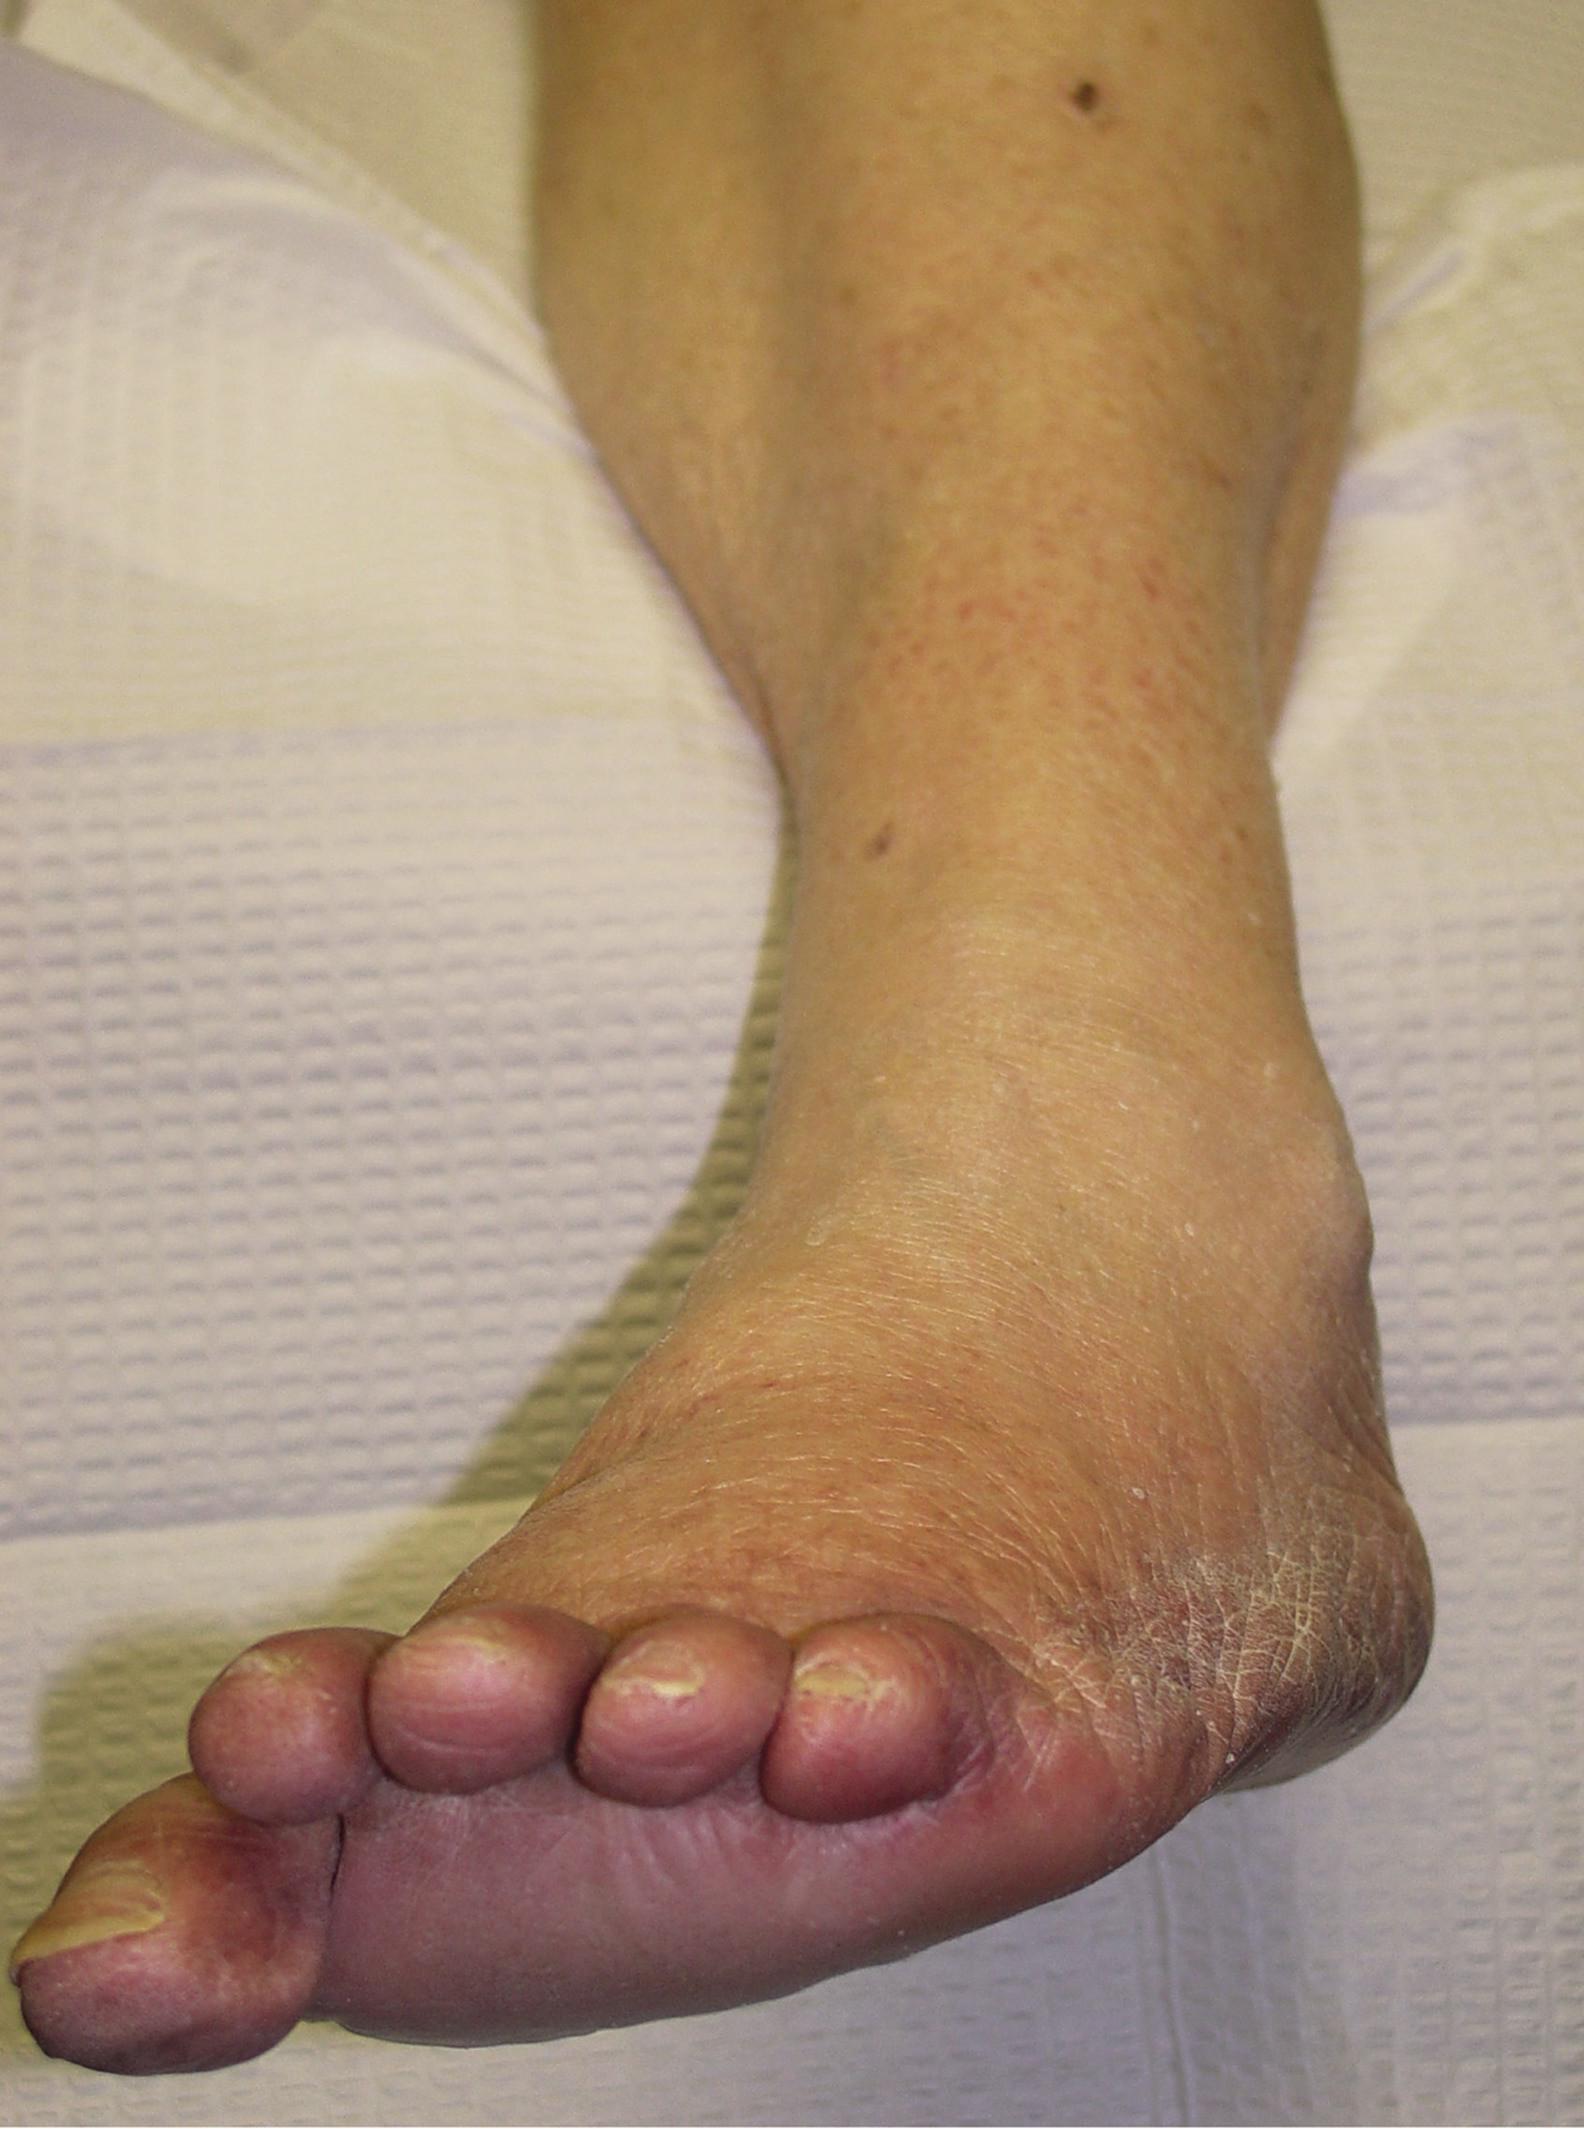 Первые признаки сахарного диабета на ногах